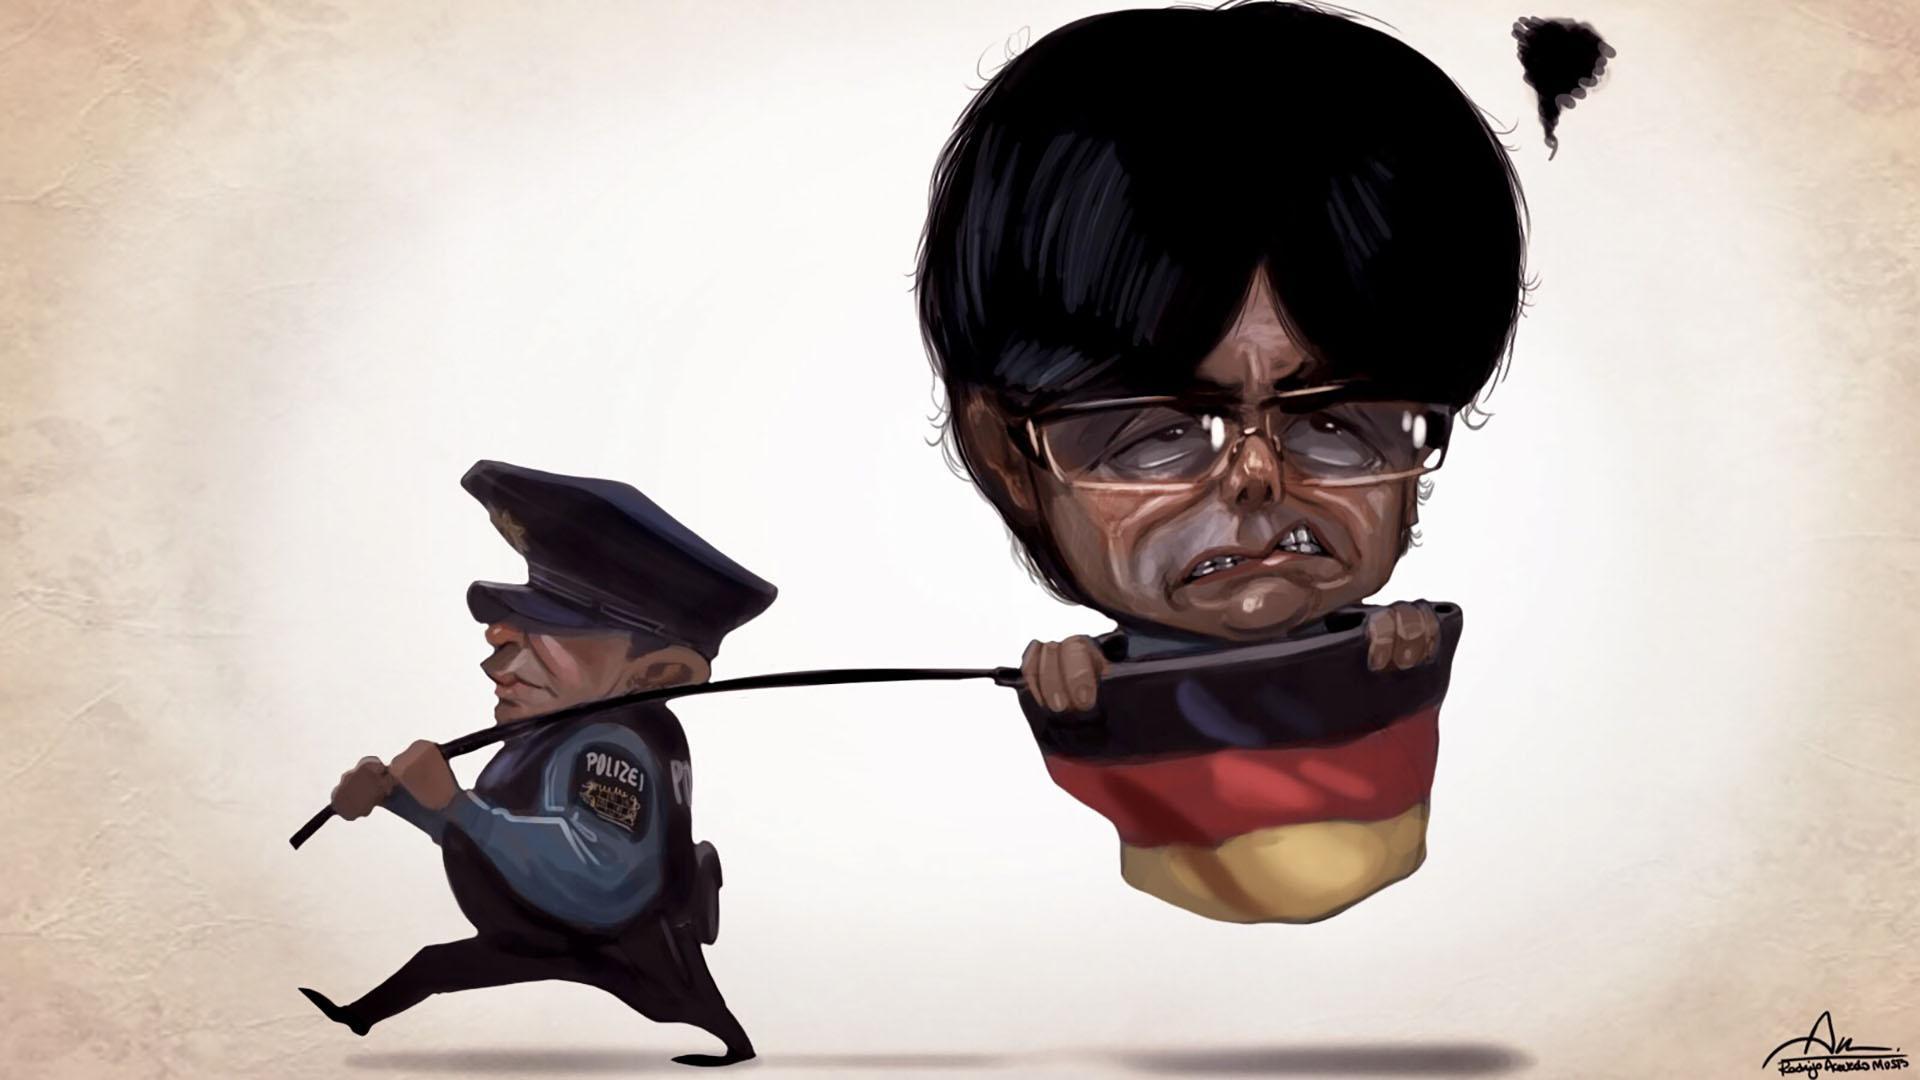 Carles Puigdemont fue detenido en Alemania mientras se dirigía a Bélgica